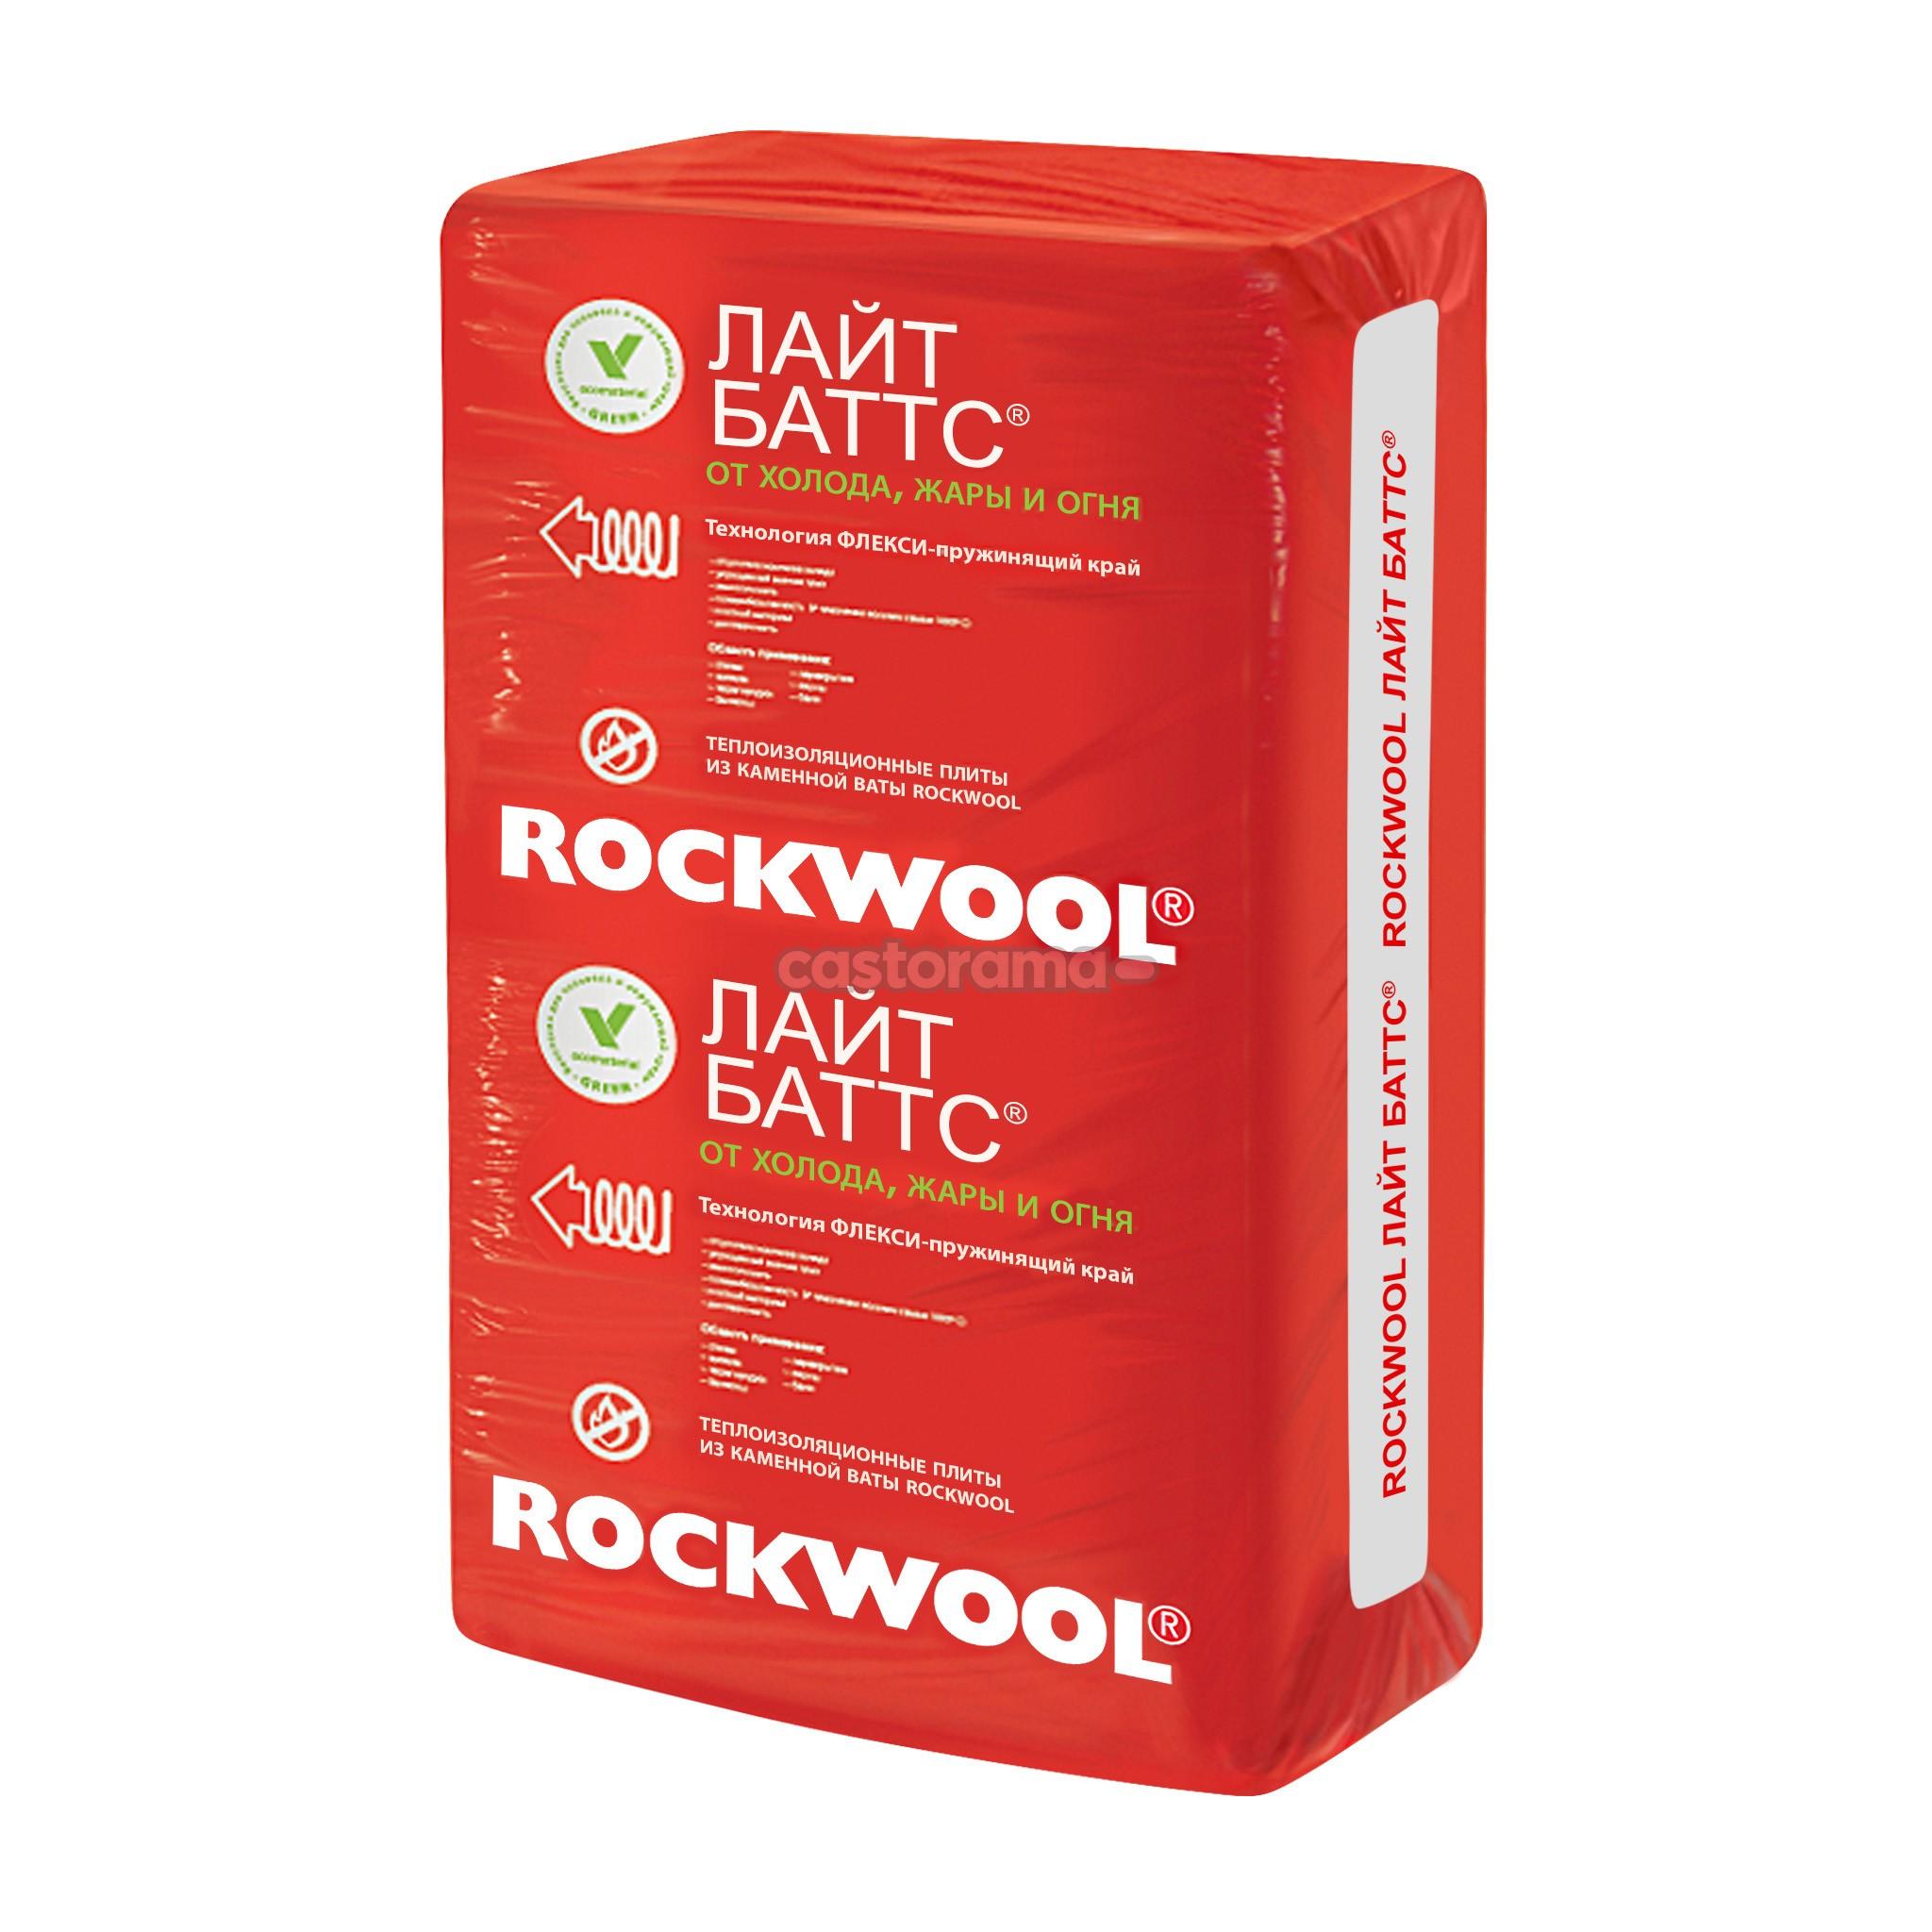 Утеплитель Роквул (Rockwool) Лайт Баттс 2.4м2 (0.24м3) толщ. 100мм